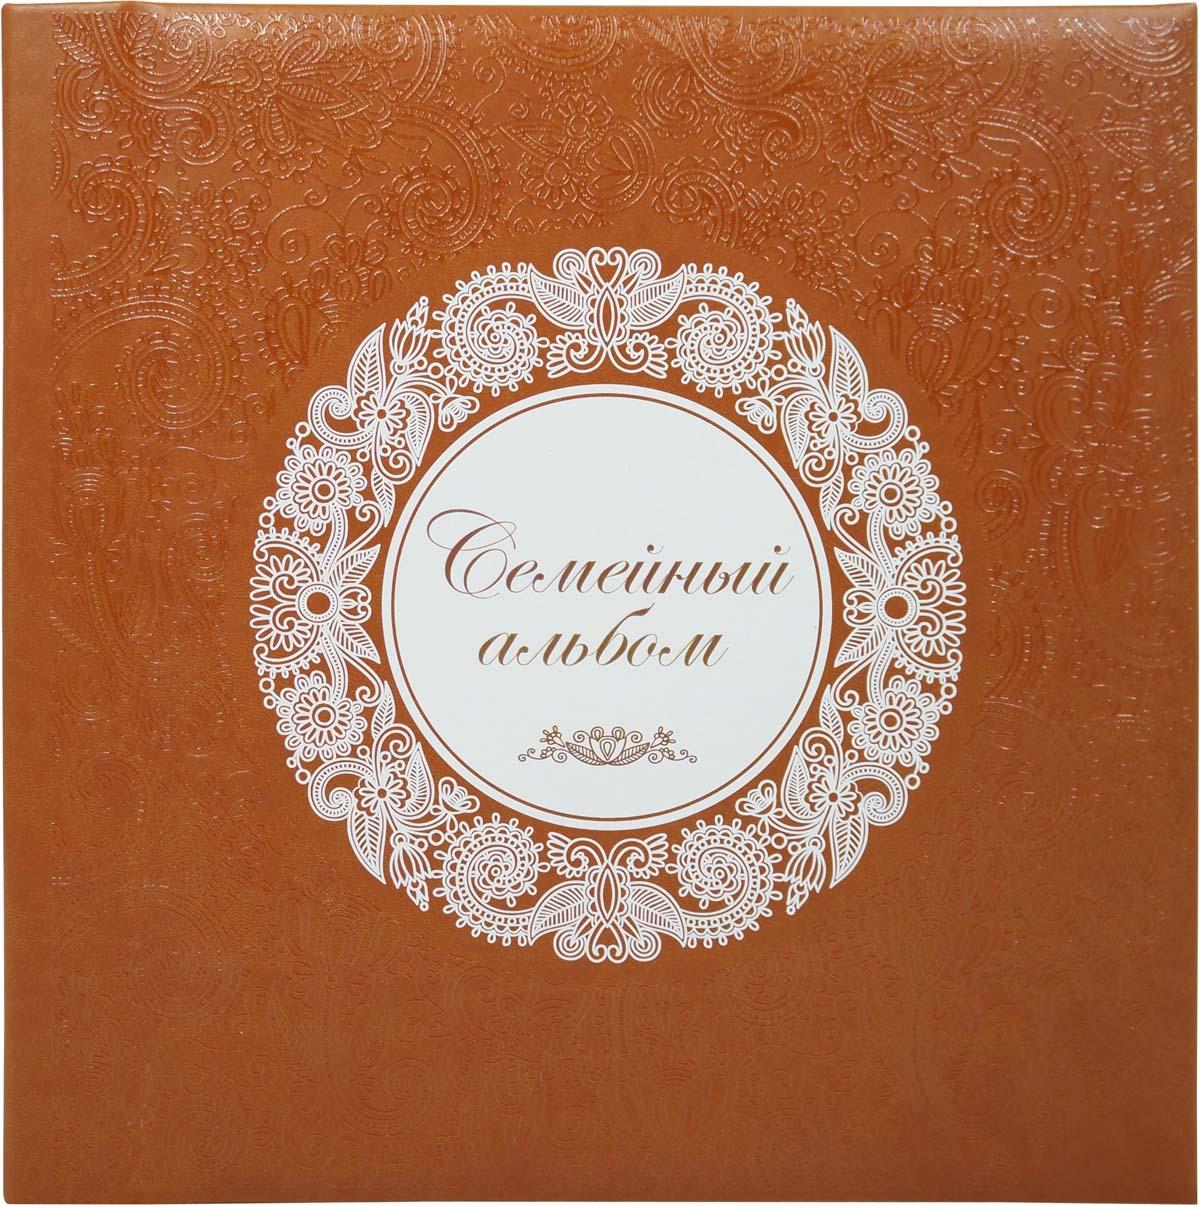 Фотоальбом Фолиант, цвет: коричневый, 30 листов. ФА-6 цена